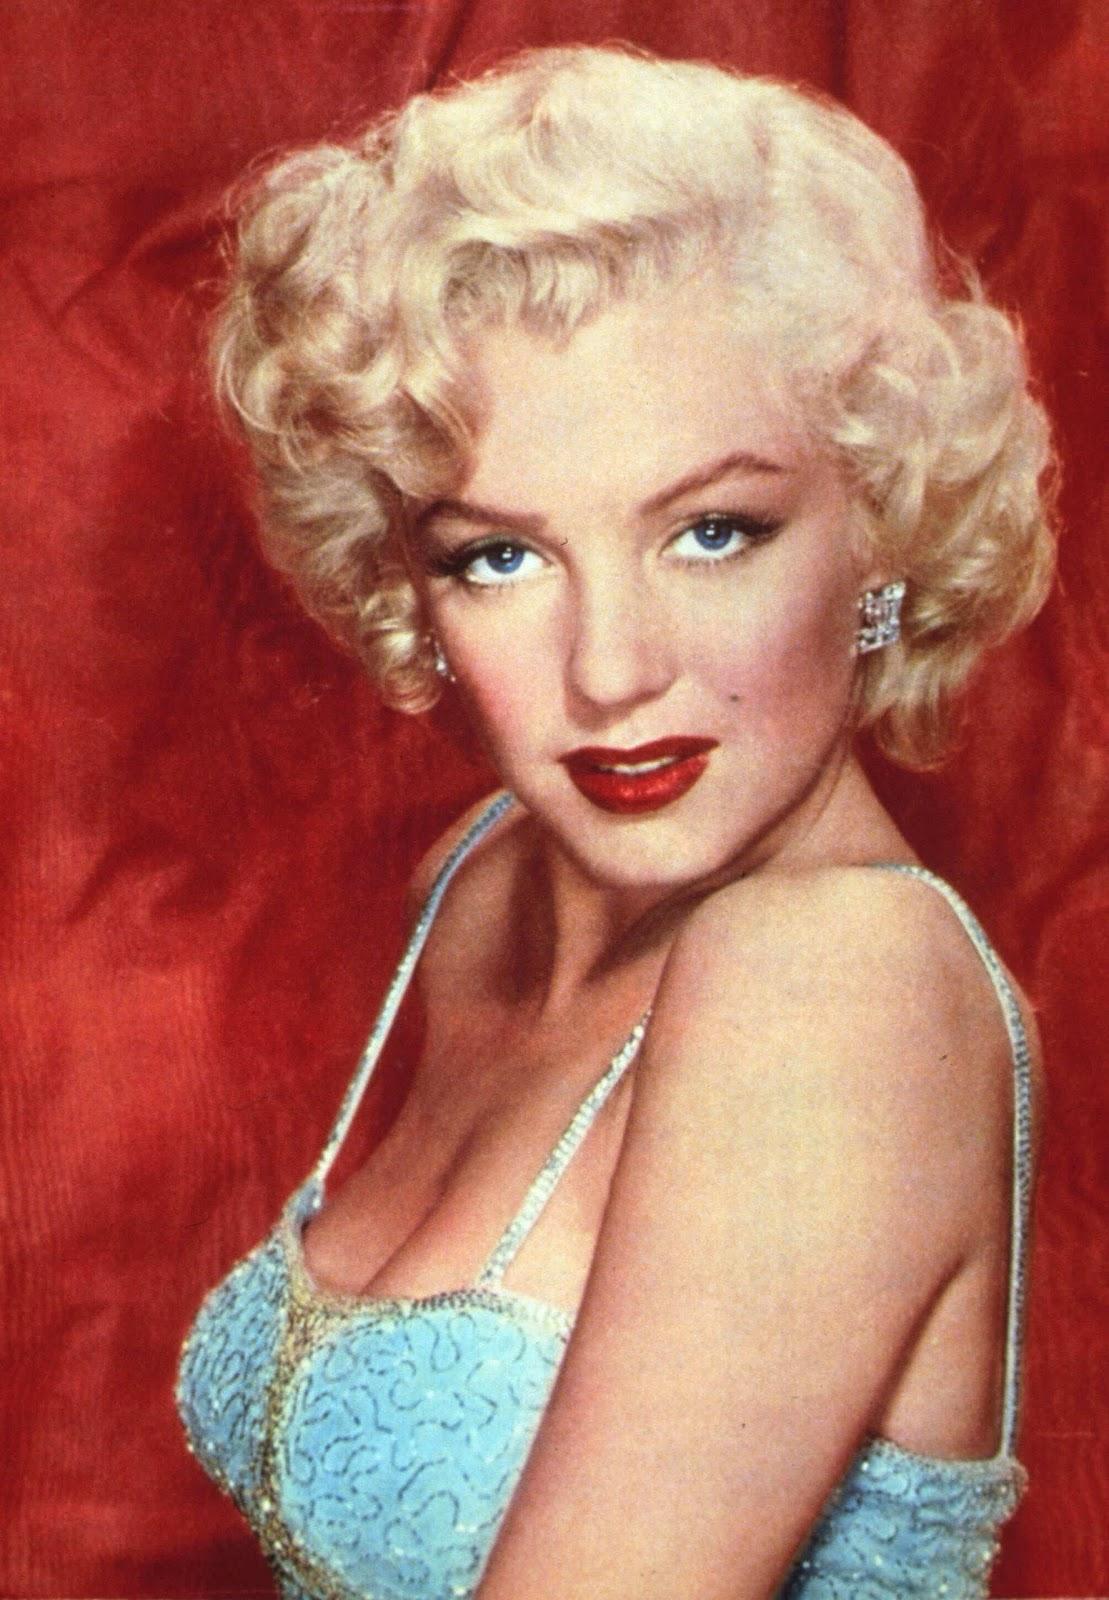 http://4.bp.blogspot.com/-igs2555icQE/UKkEbrCt3CI/AAAAAAAAAUg/O5tsUxuzXrE/s1600/Marilyn-Monroe-marilyn-monroe-15181395-1775-2560.jpg